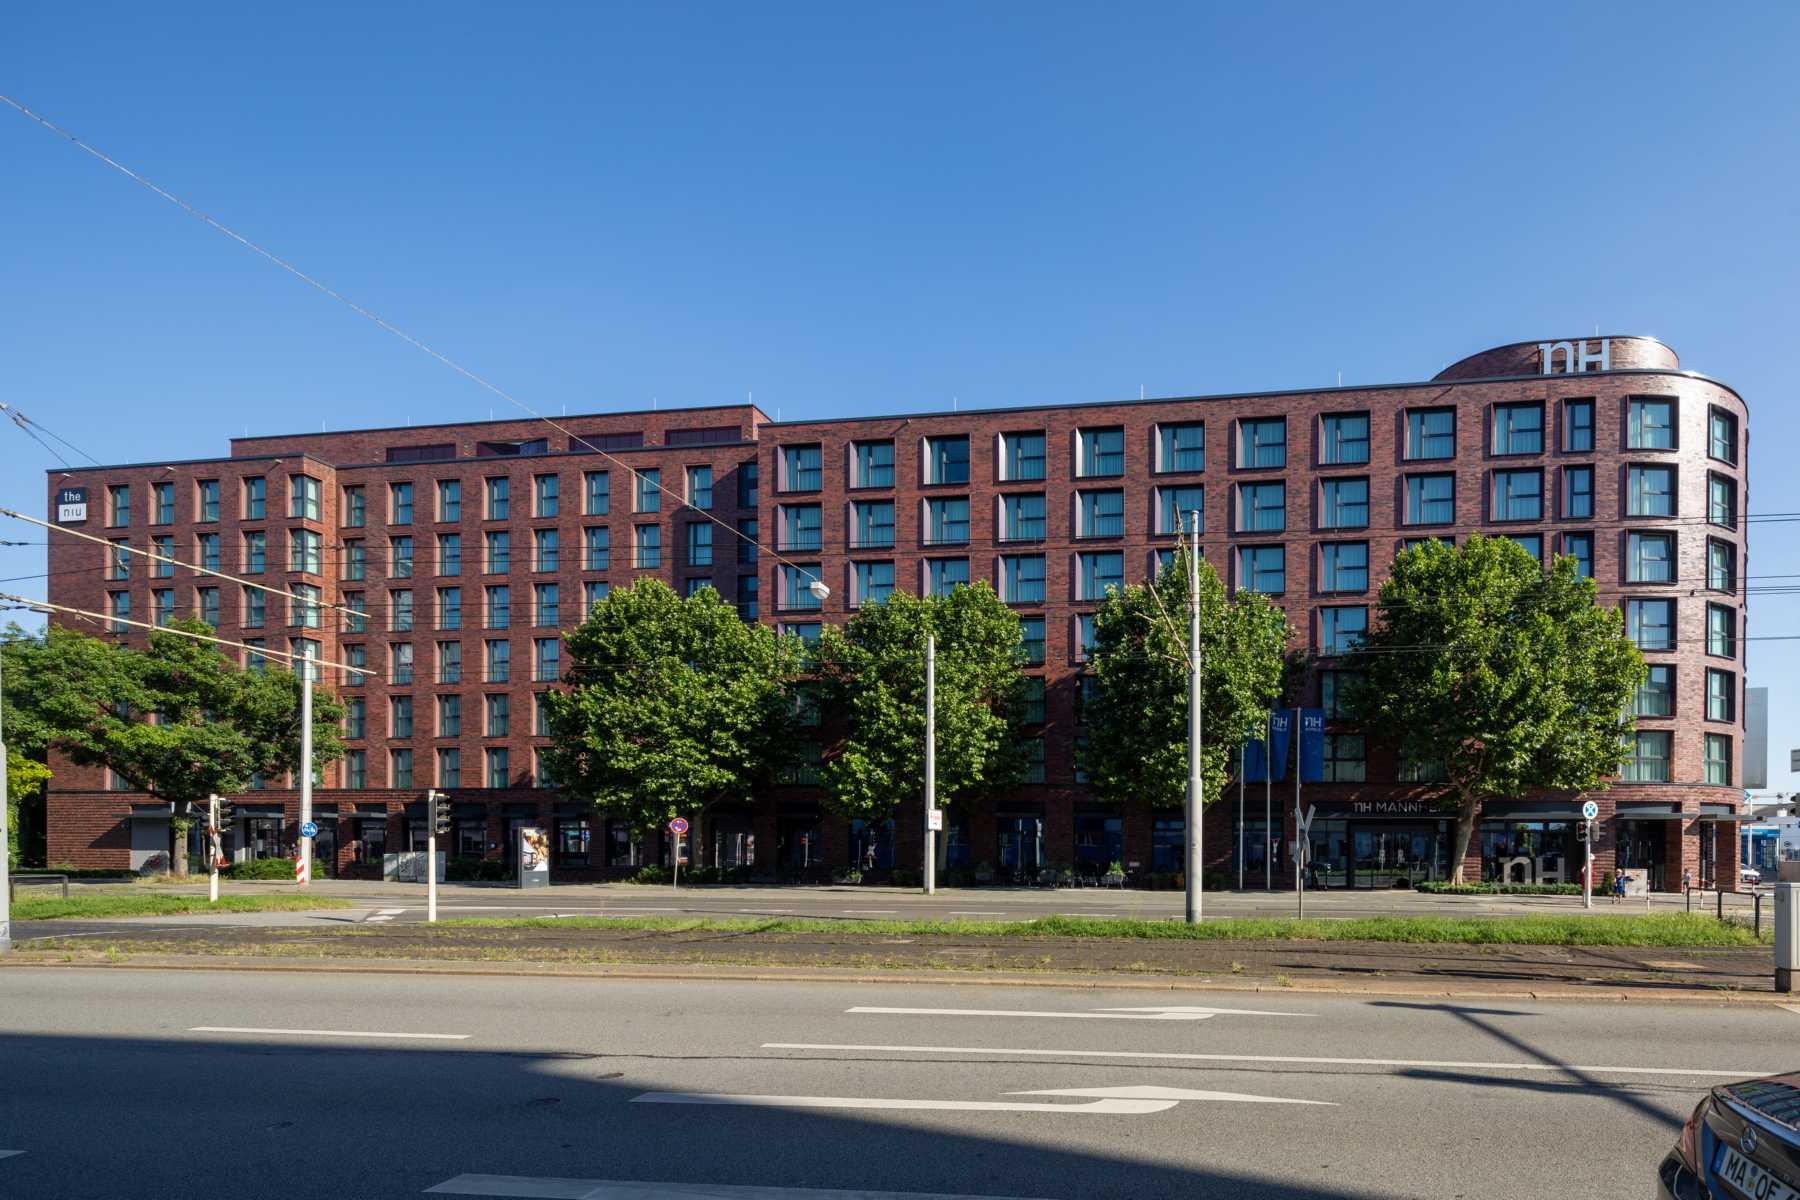 K1600_20200624_094_Prasch Buken Partner Architekten ©DUCKEK NH Hotels niu Hotels Mannheim__G9A5797